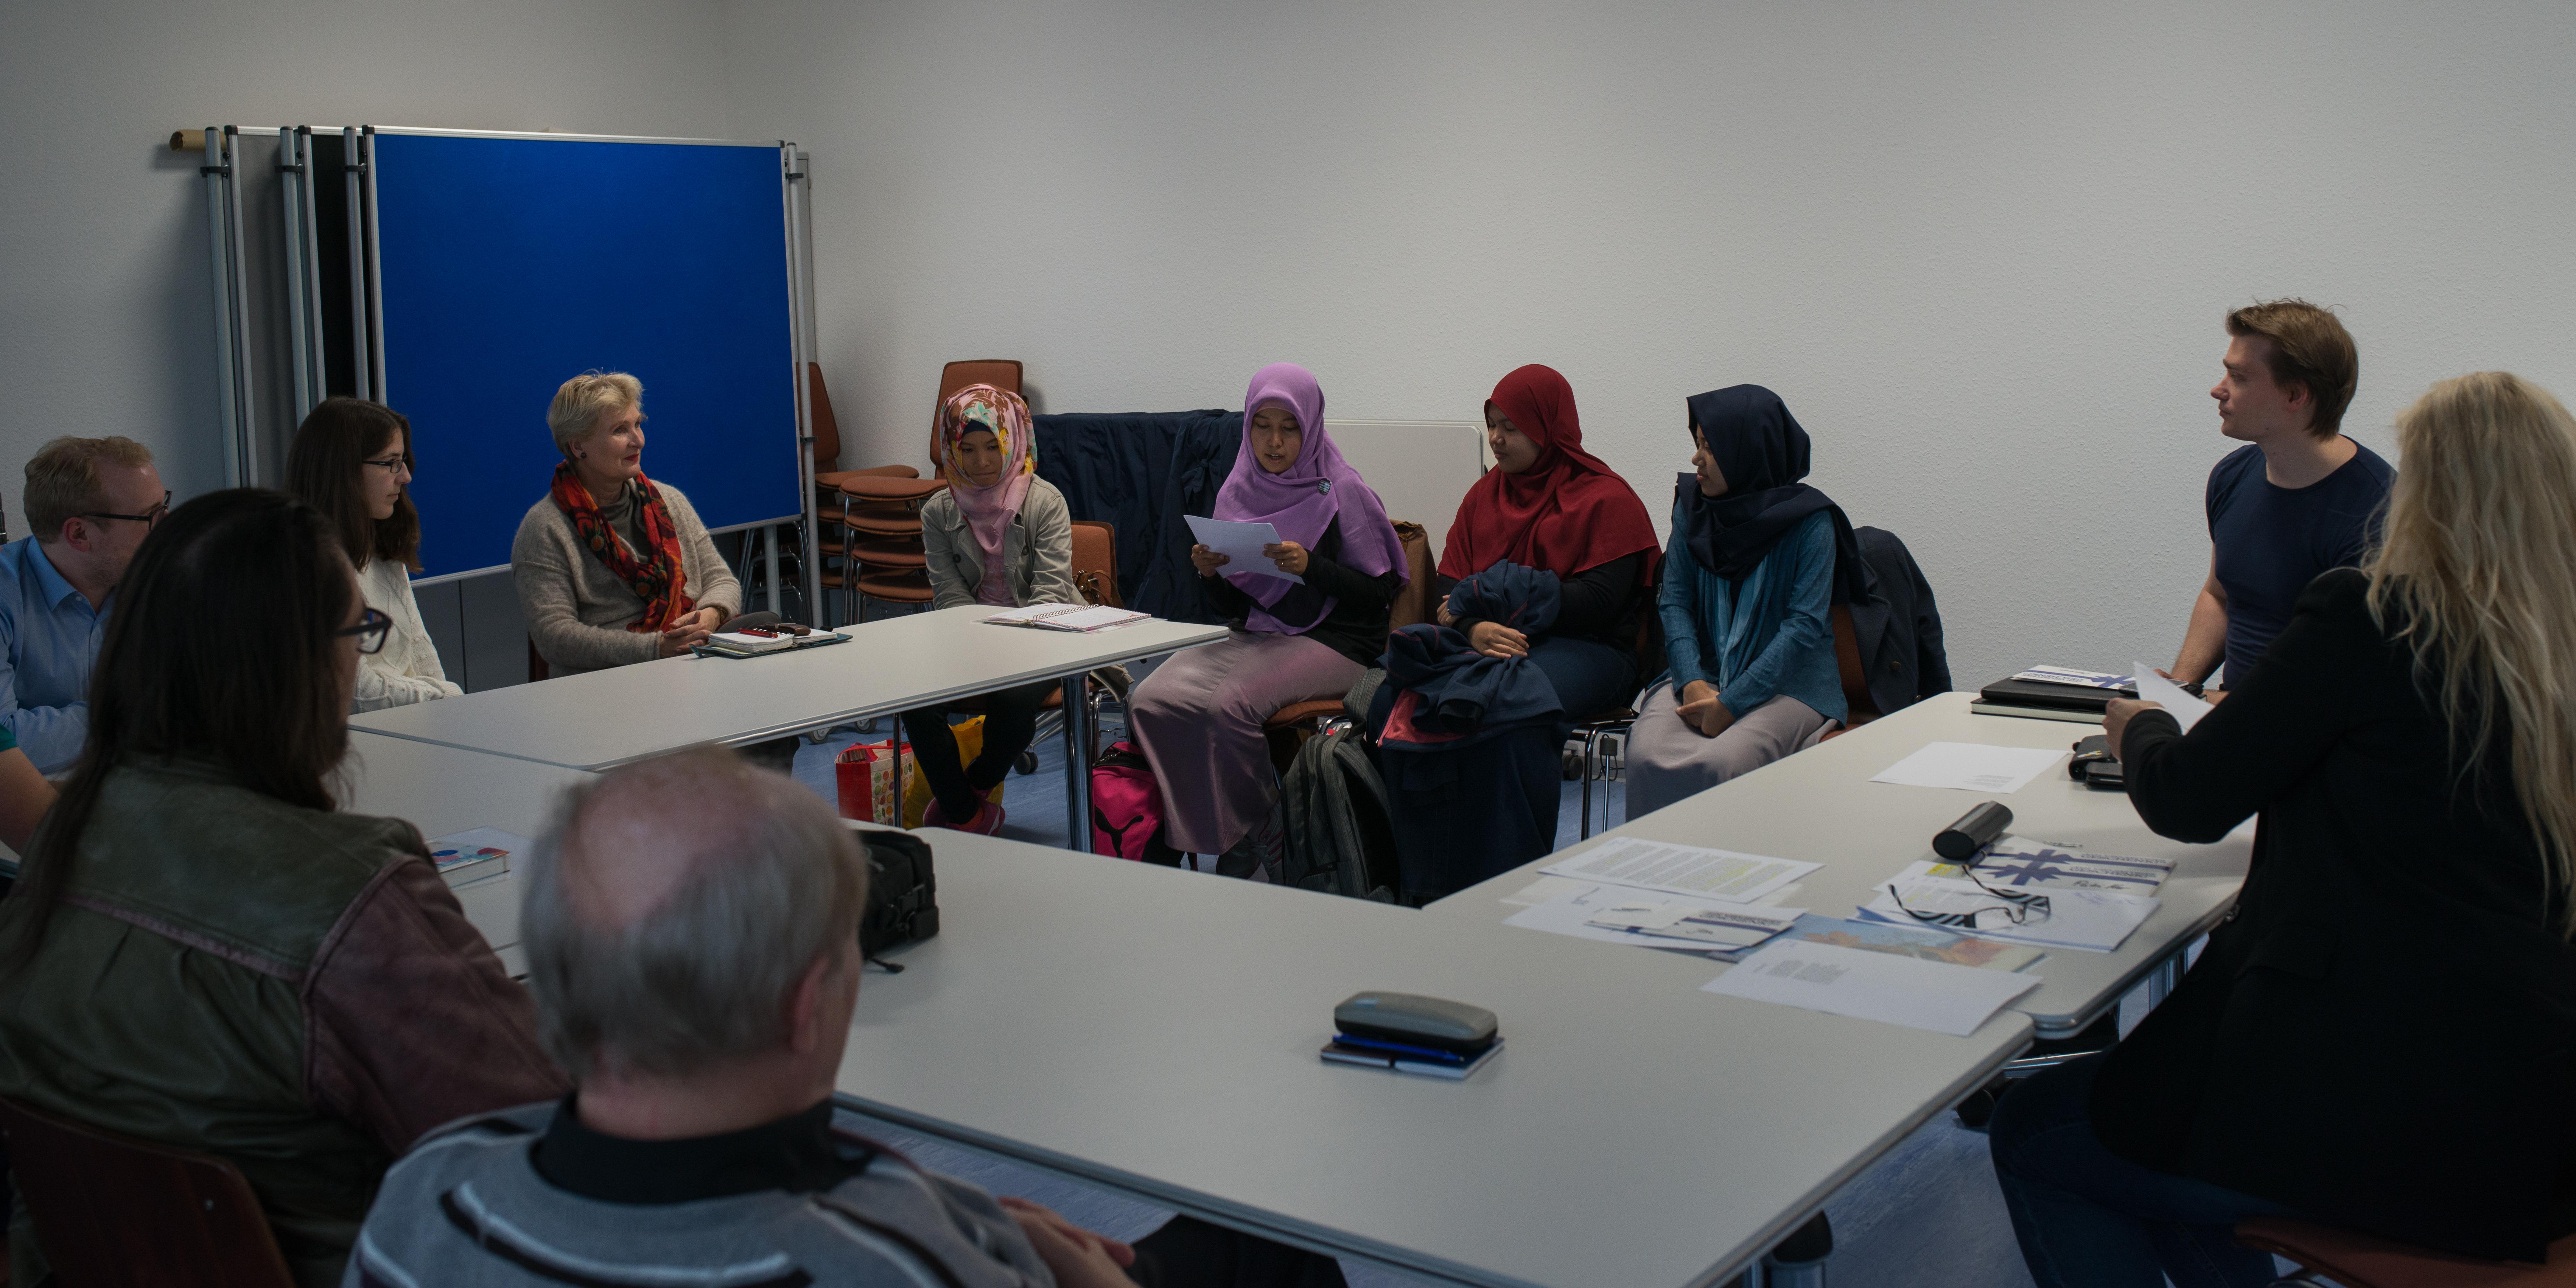 Gebannt lauschen Teilnehmer und Jury Putri Nur beim Vortrag Ihres Gedichts